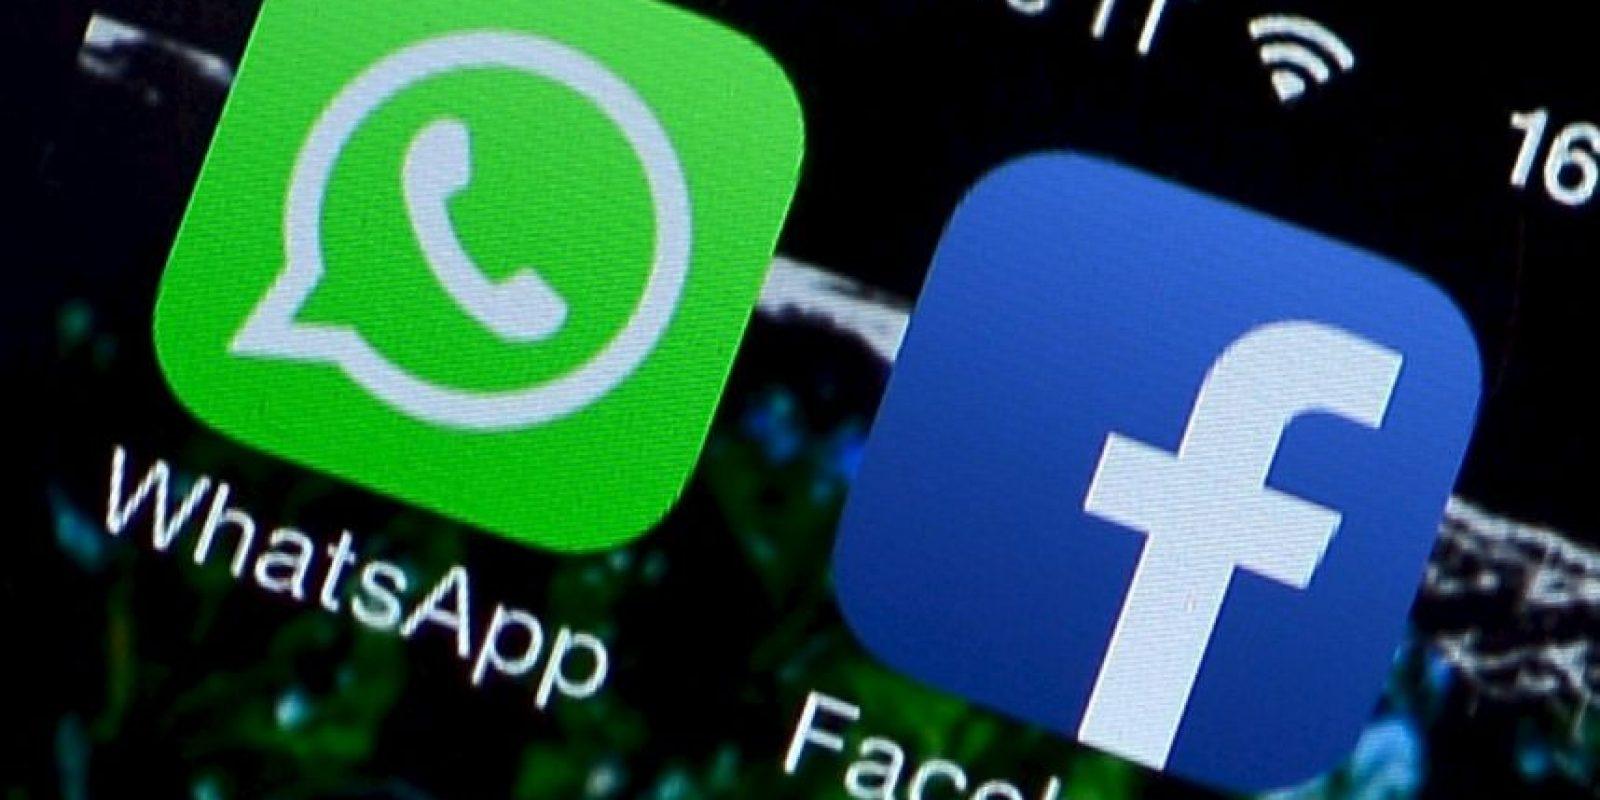 19 mil millones de dólares, el precio que pagó Facebook para adquirirla en febrero de 2014. Foto:Vía Tumblr.com